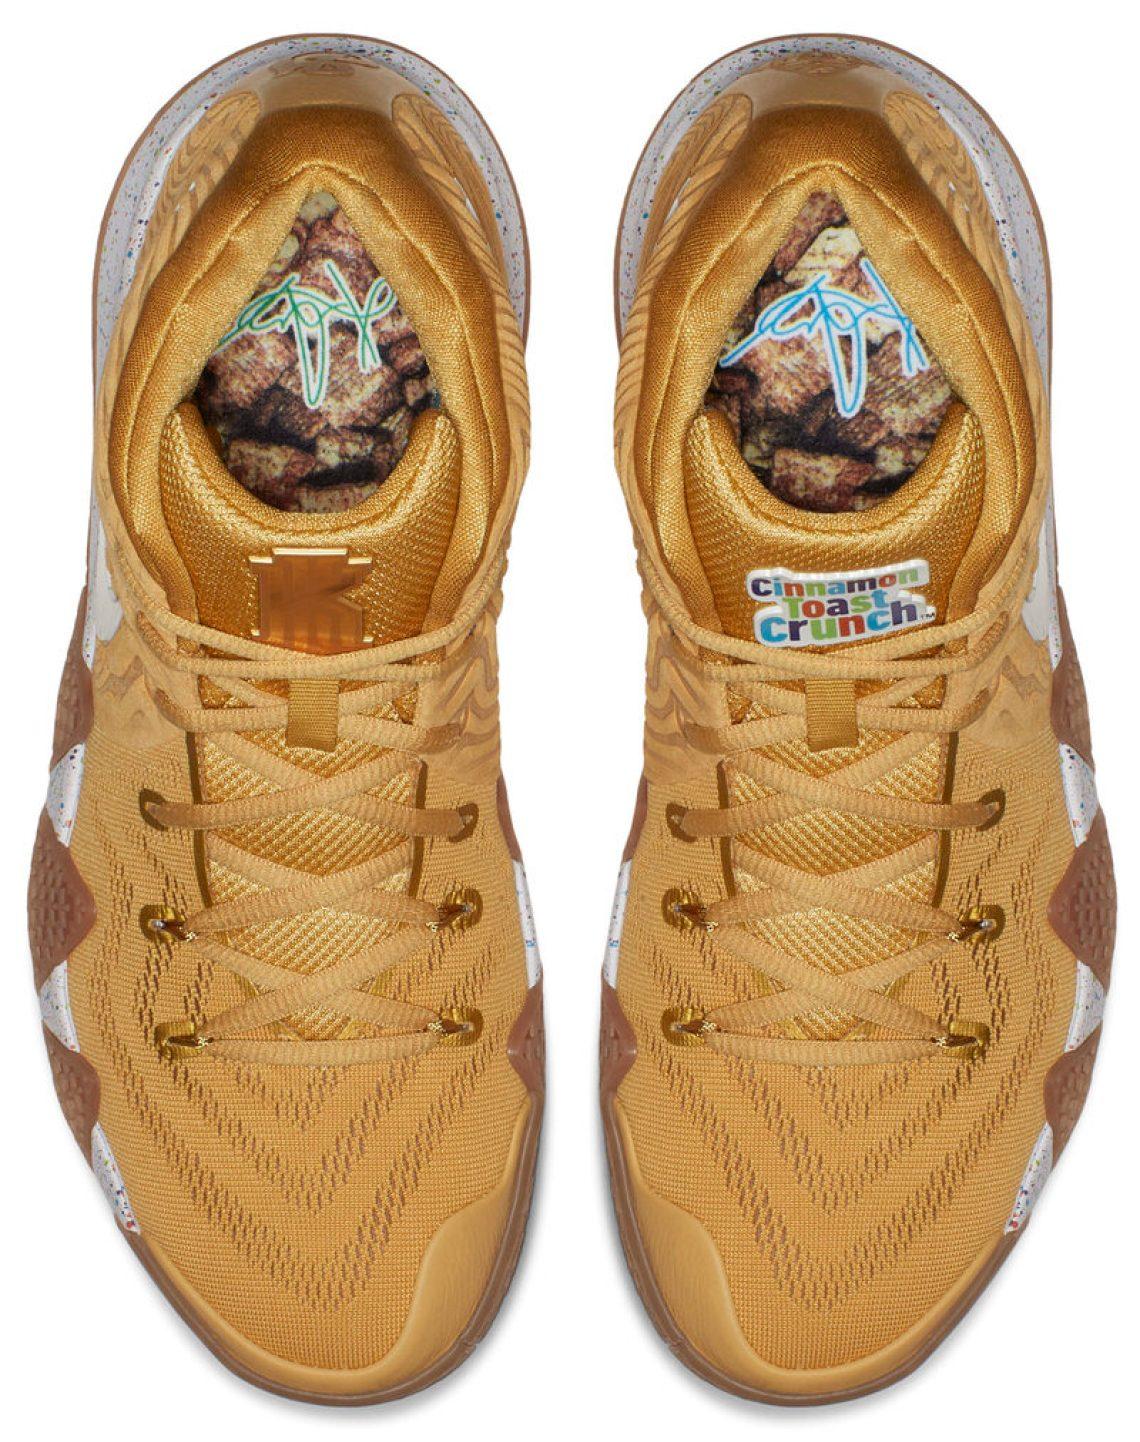 """99d4d99c028 ... Nike Kyrie 4 """"Cinnamon Toast Crunch"""" ..."""